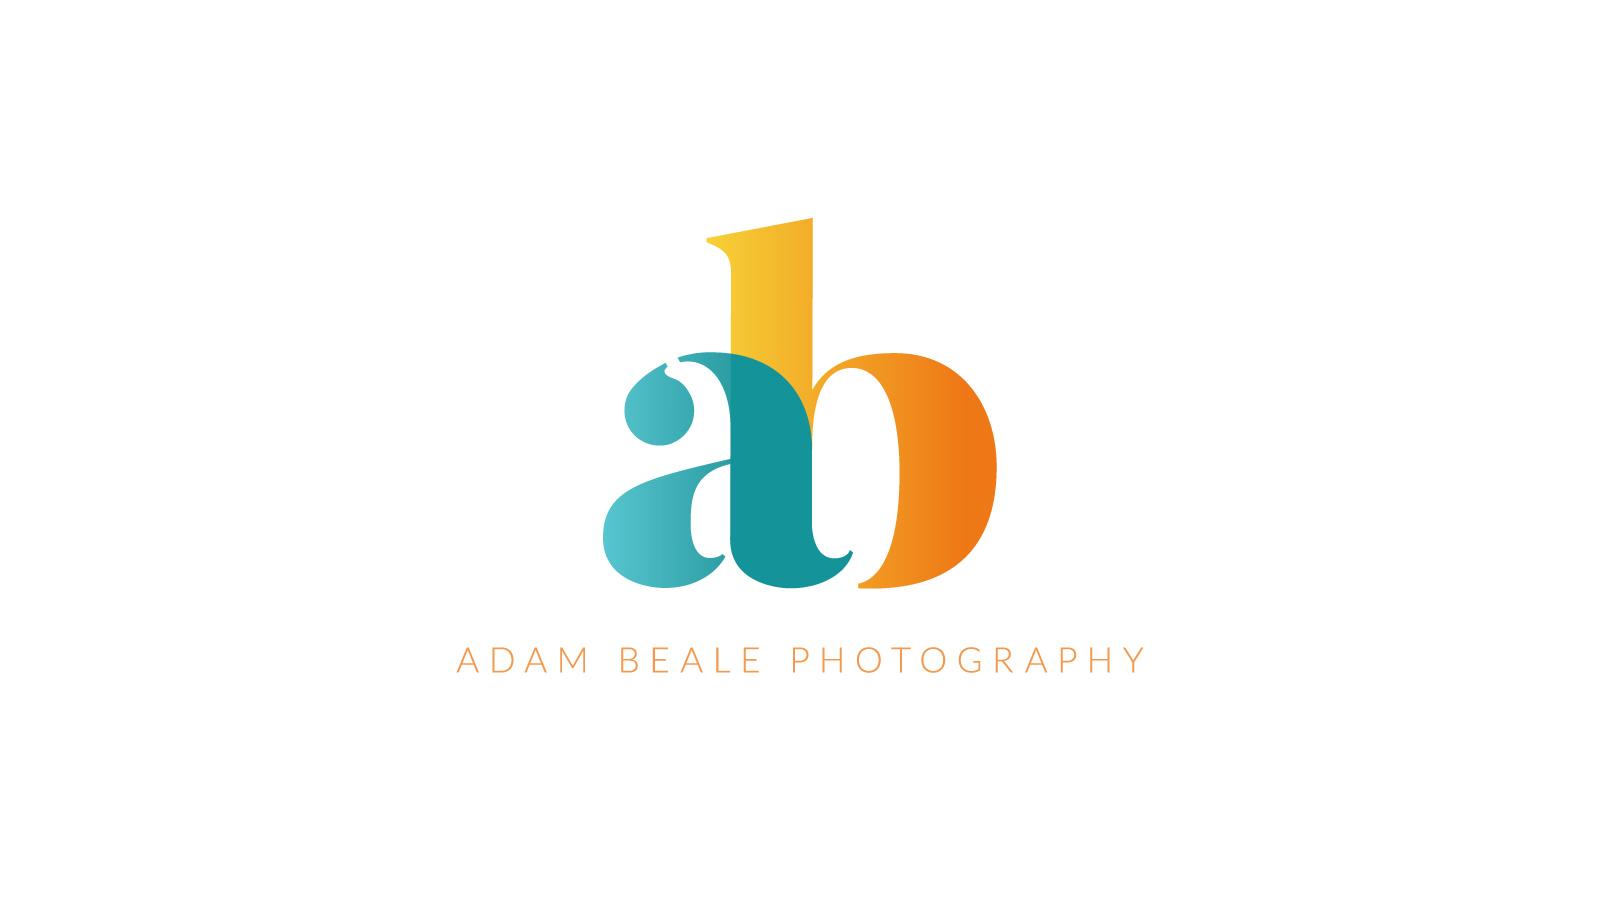 nsd-work-abp-logo